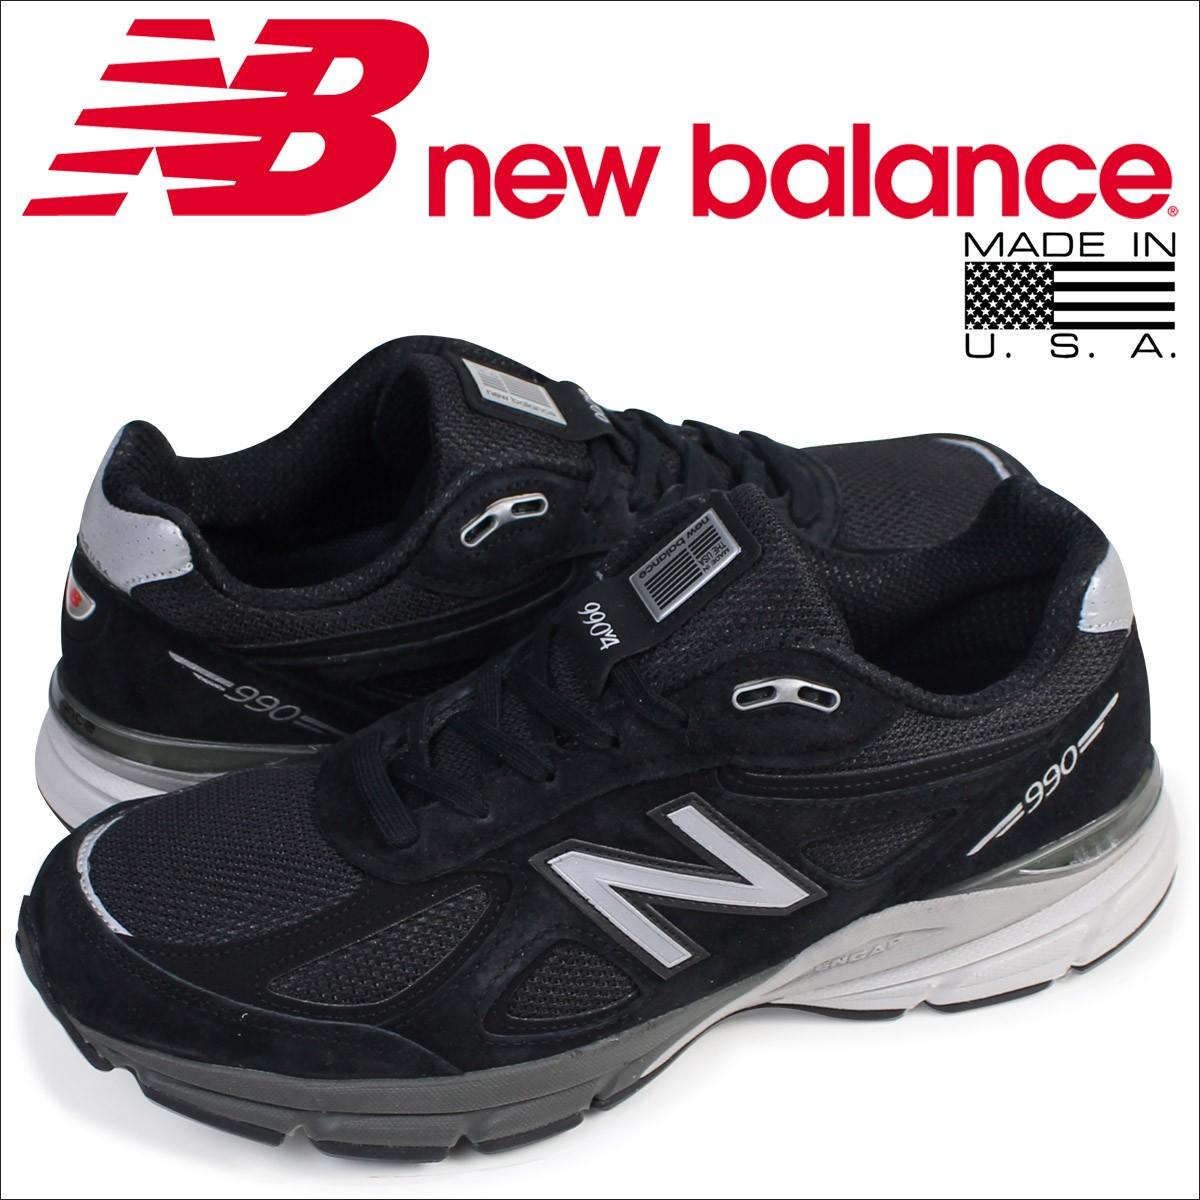 ニューバランス 990 メンズ new balance スニーカー M990BK4 Dワイズ MADE IN USA 靴 ブラック